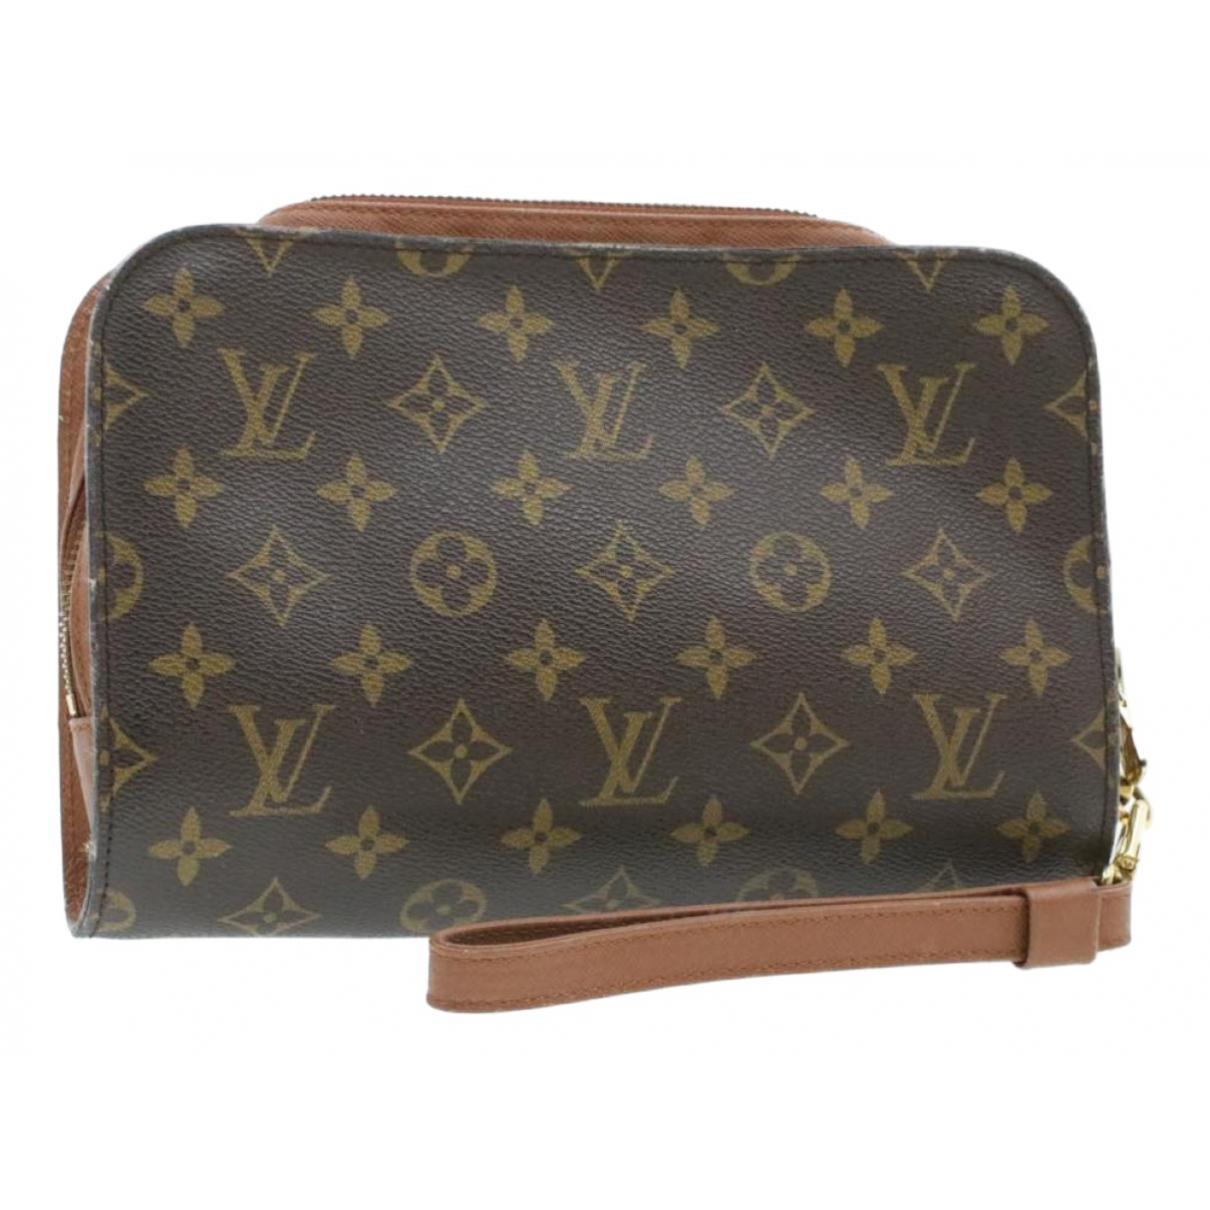 Louis Vuitton Orsay Brown Cloth Clutch bag for Women \N